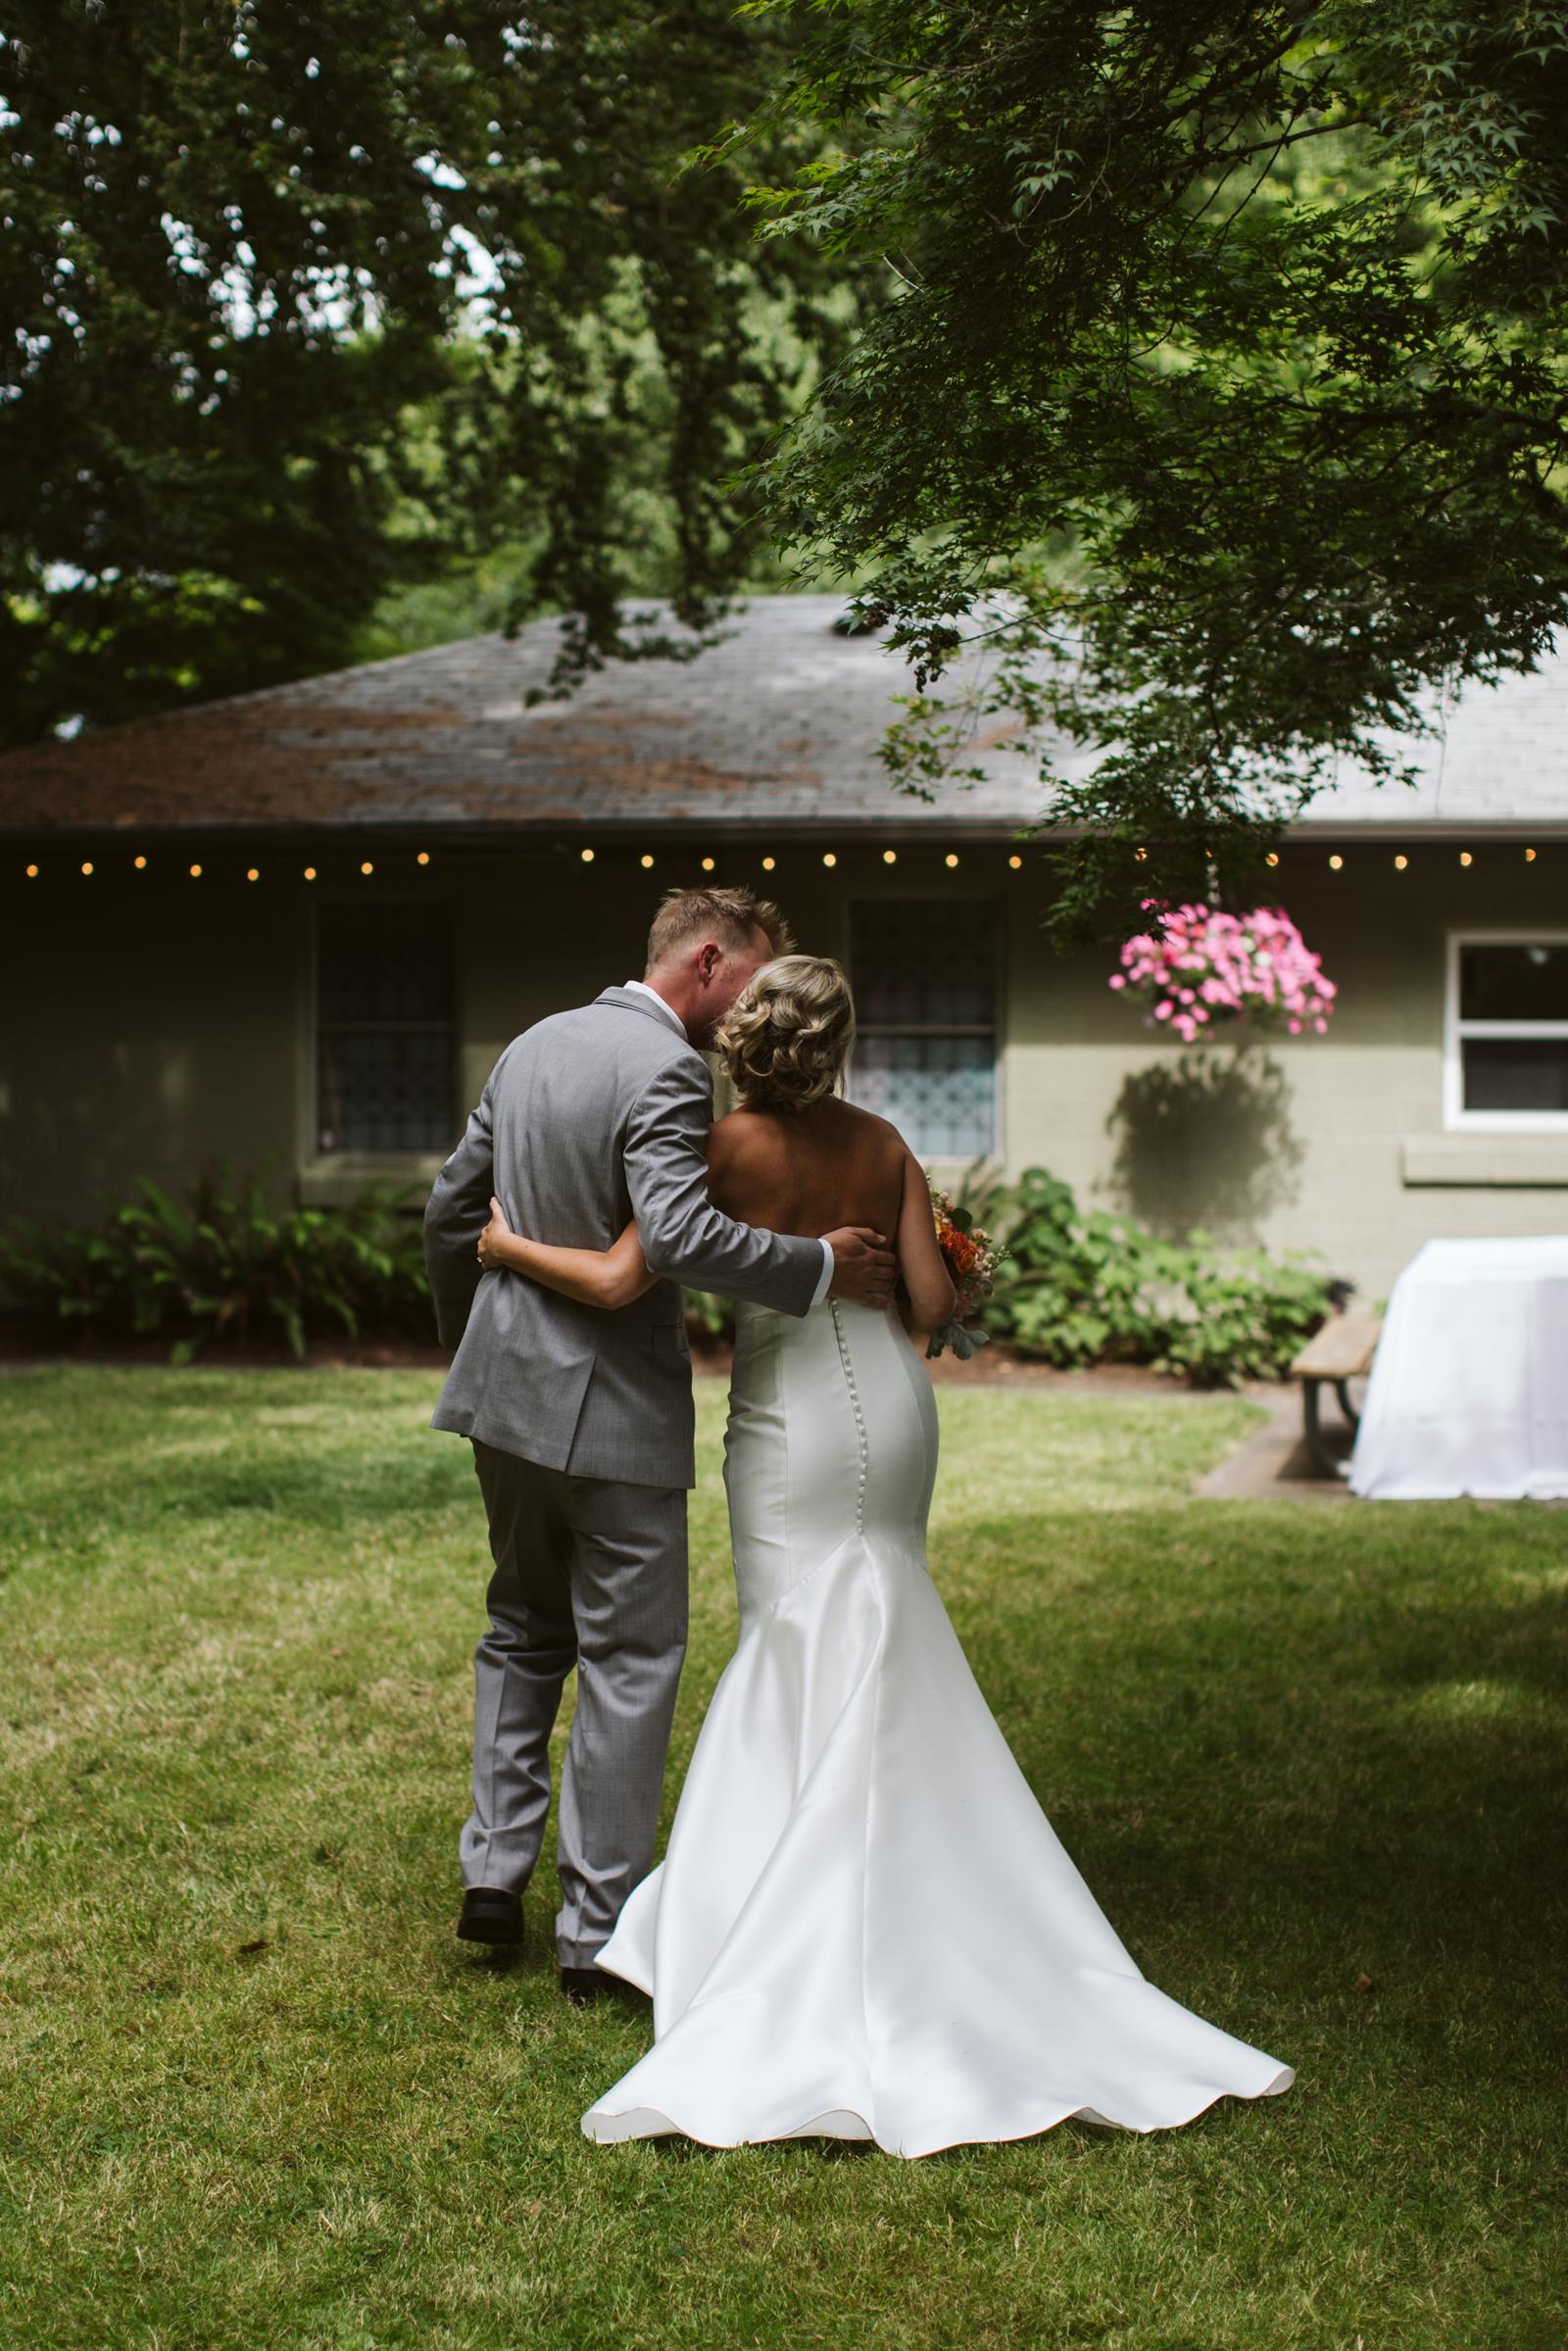 094-daronjackson-gabby-alec-wedding.jpg